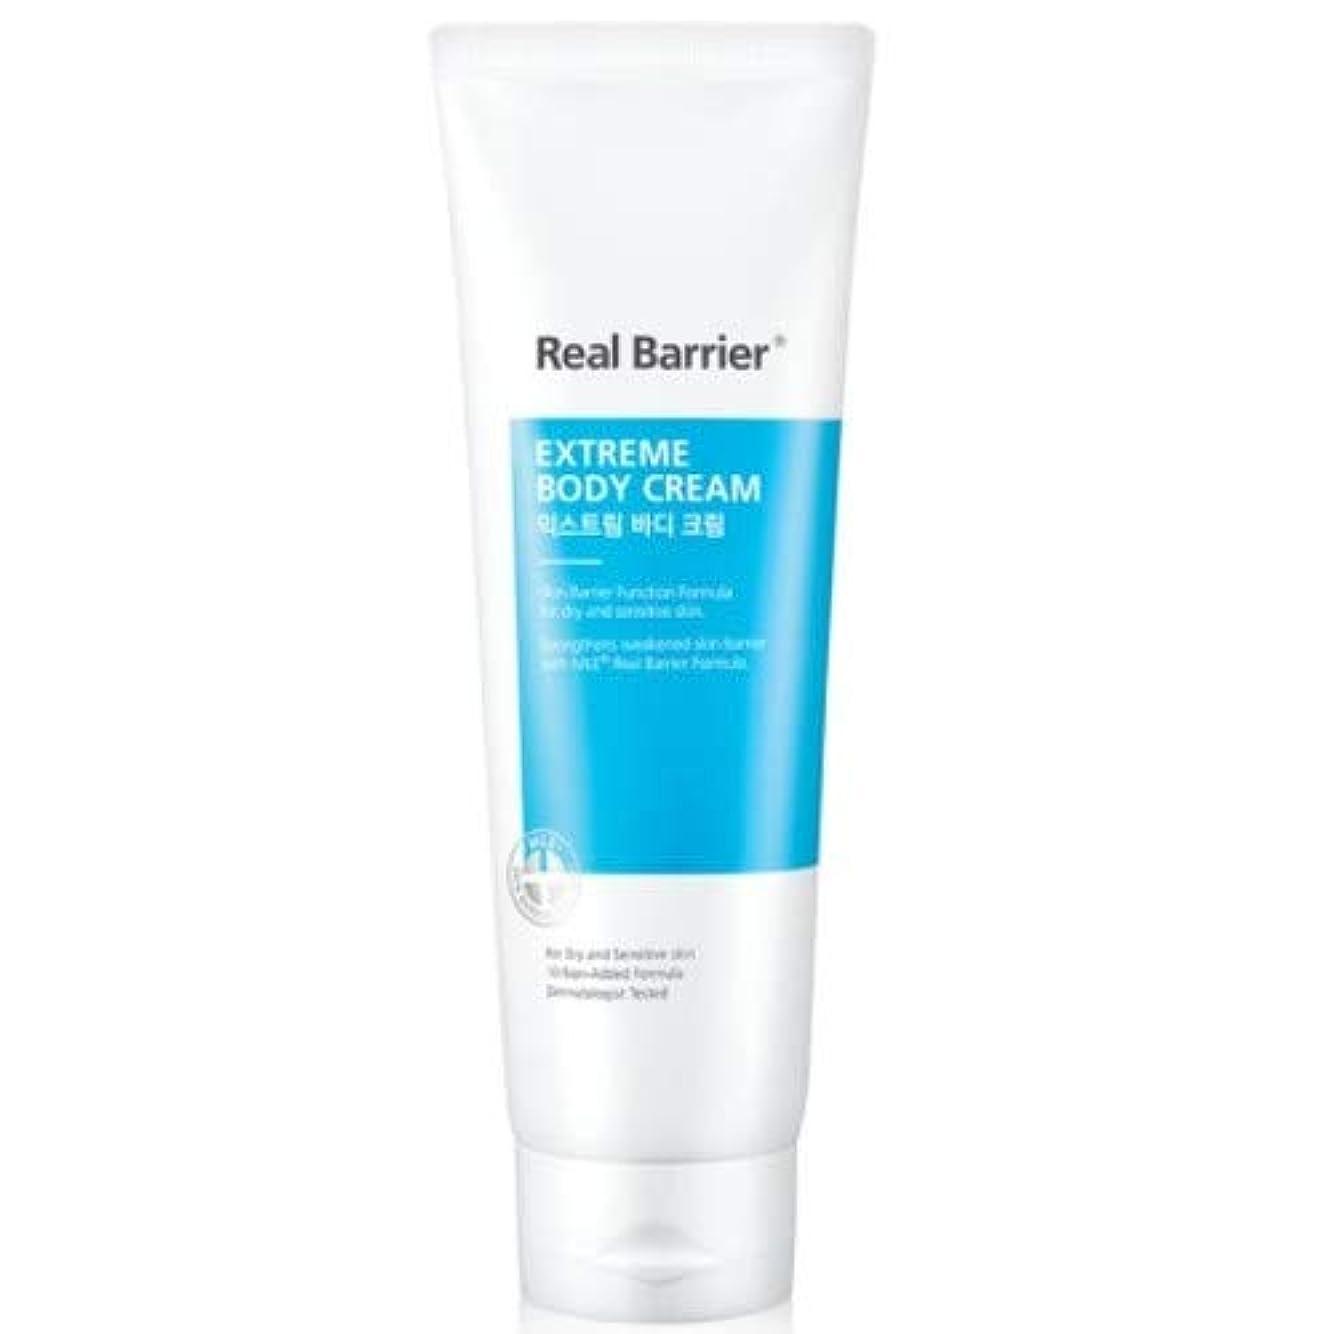 やめるテニスバナーATOPALM Real Barrier?エクストリームボディークリーム250g / ATOPALM Real Barrier Extreme Body Cream [並行輸入品]